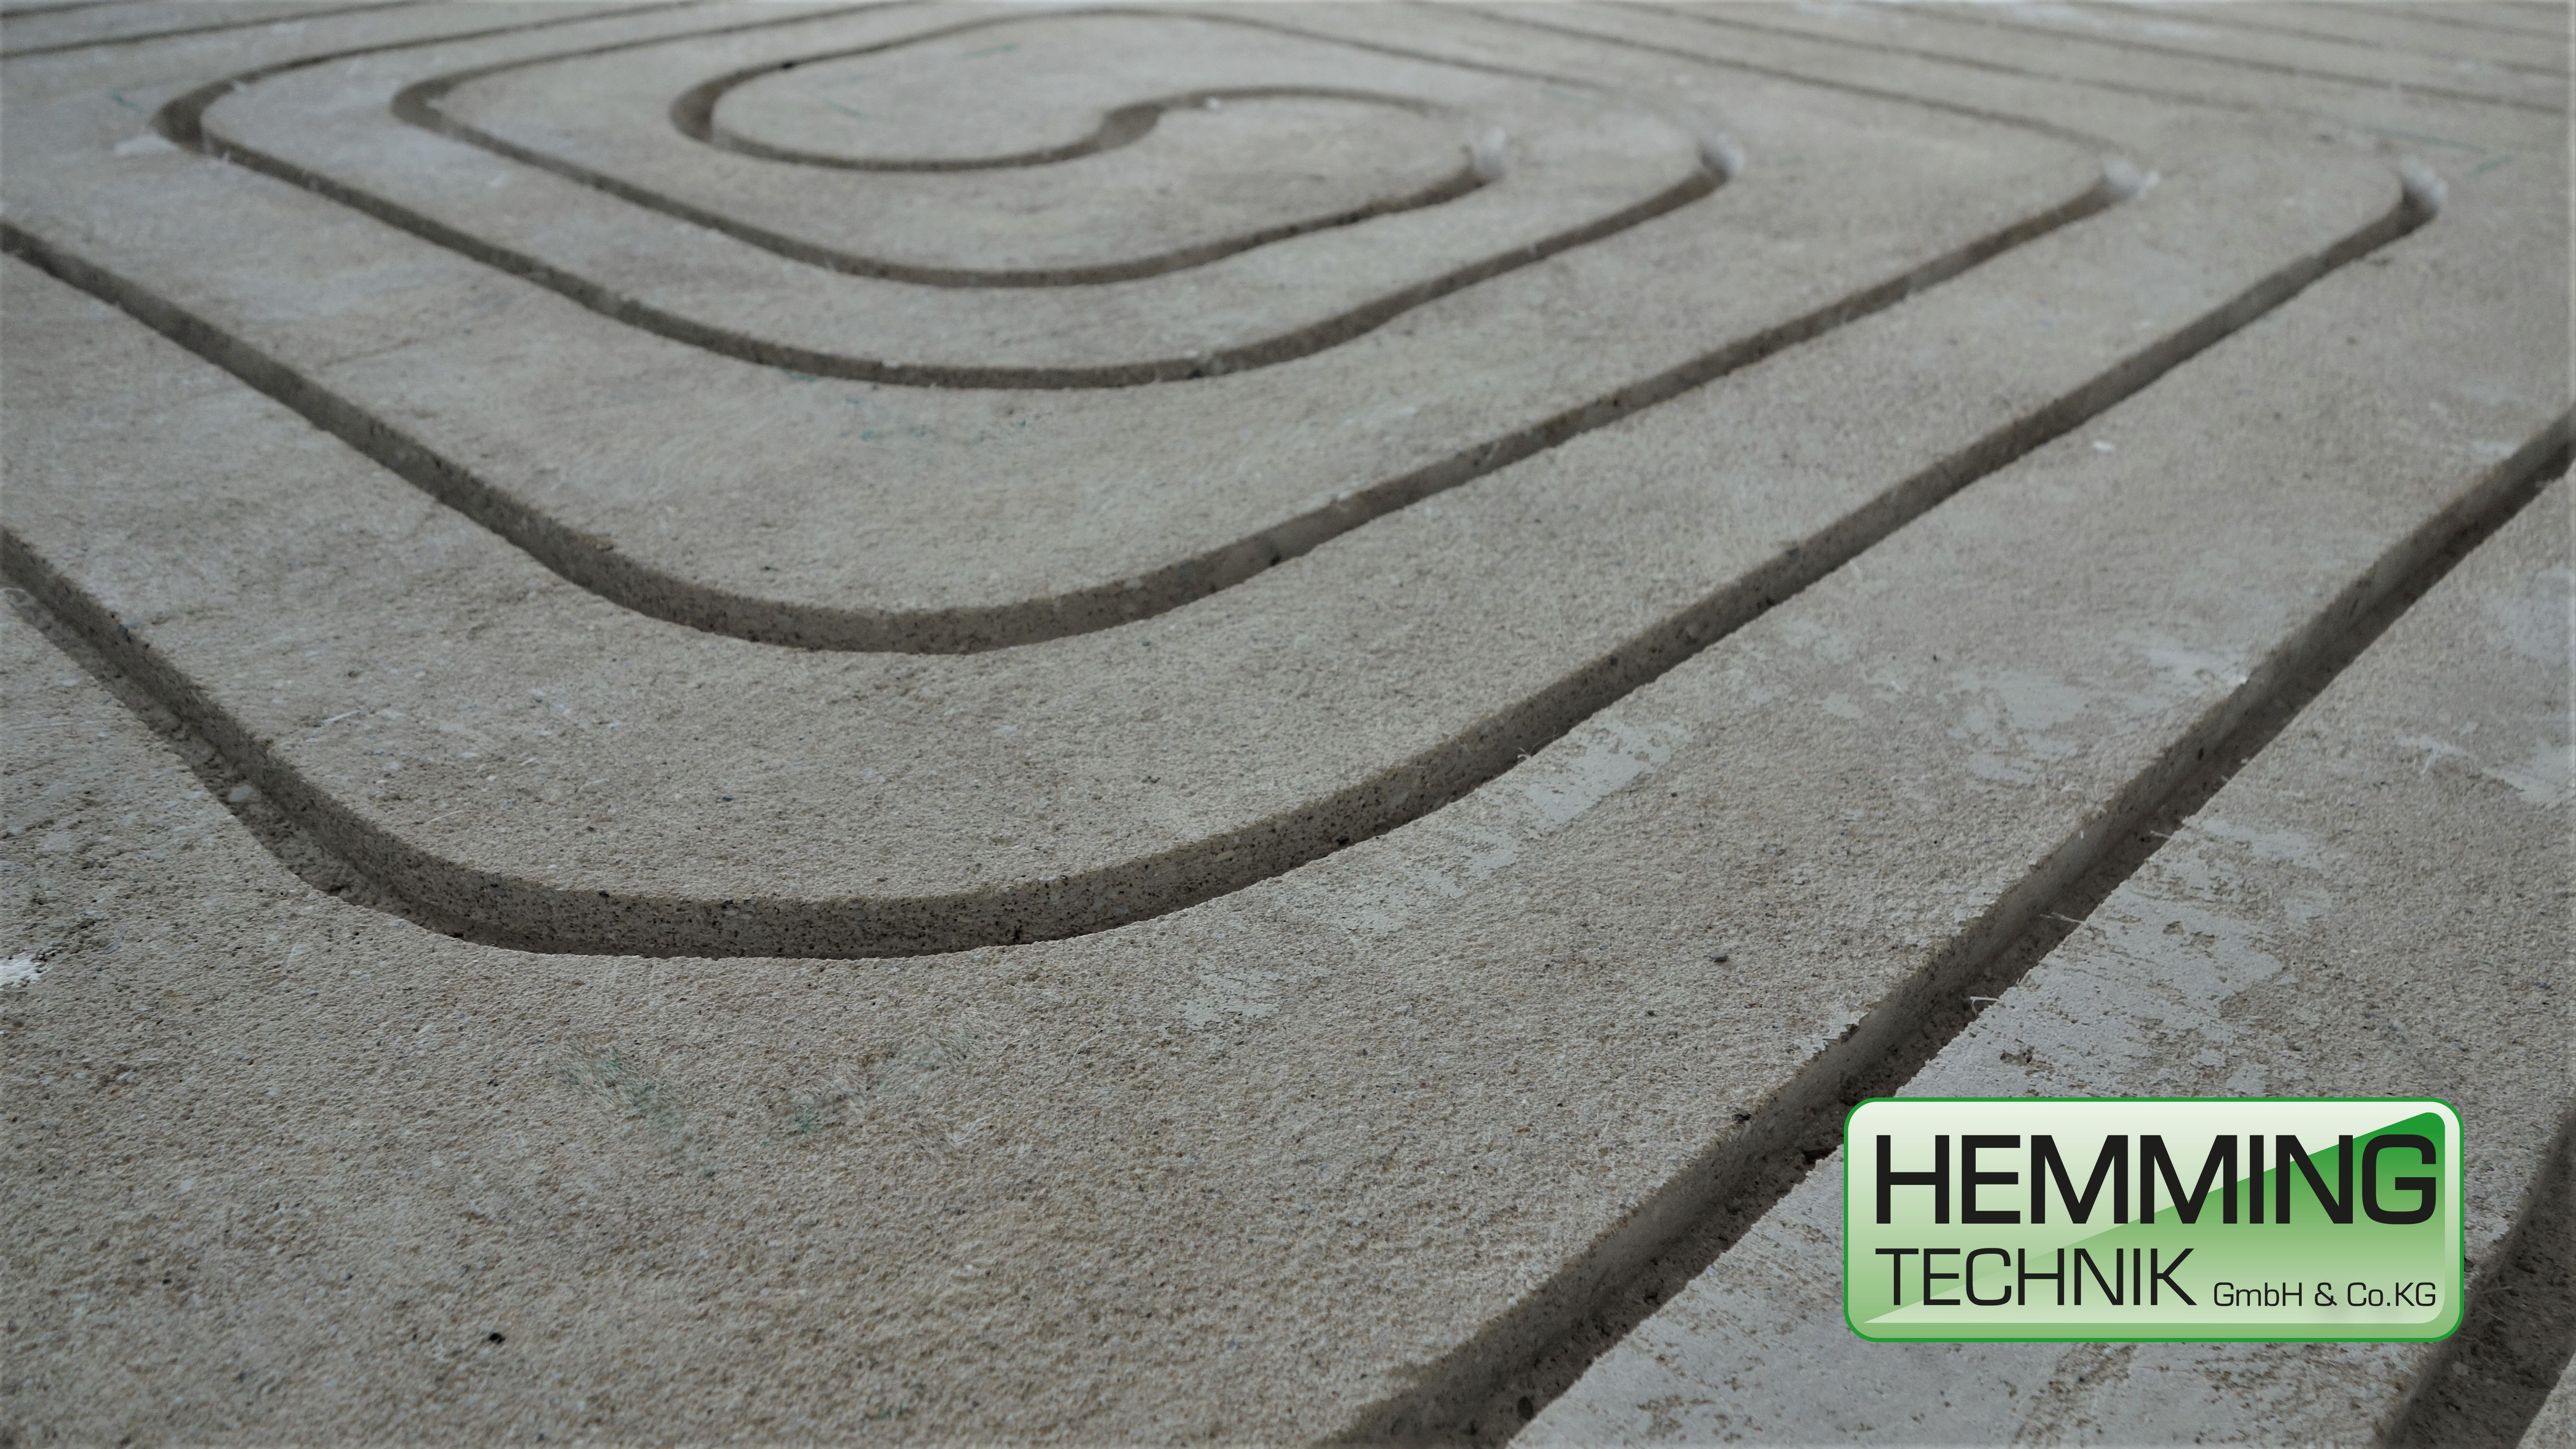 Fußbodenheizung Fräsen fussbodenheizung fräsen nachträglicher einbau einer fussbodenheizung